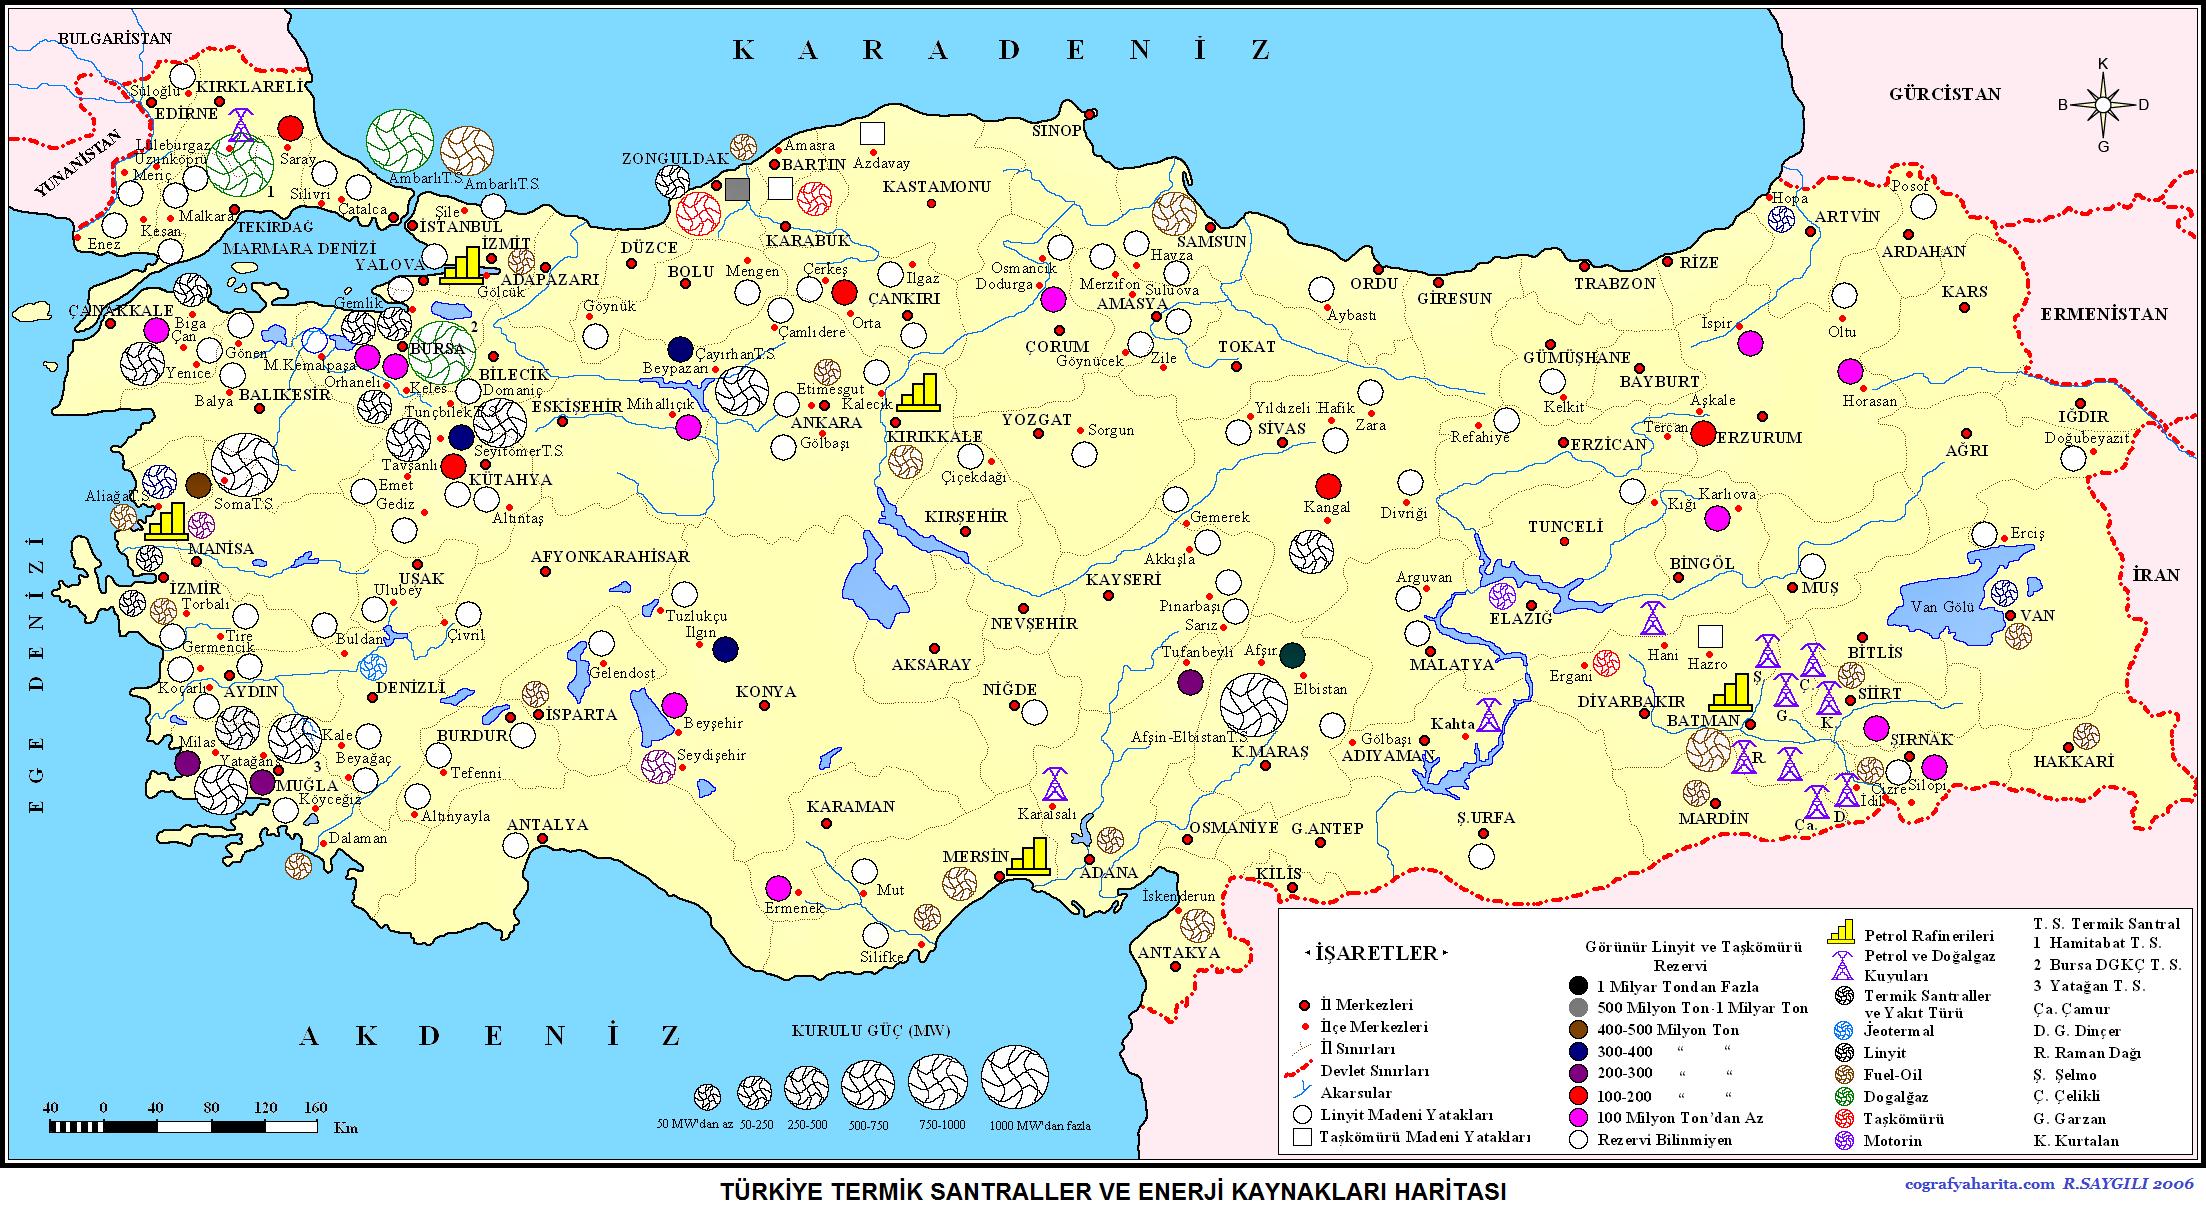 Türkiye Enerji Kaynakları ve Termik Santralleri Haritası